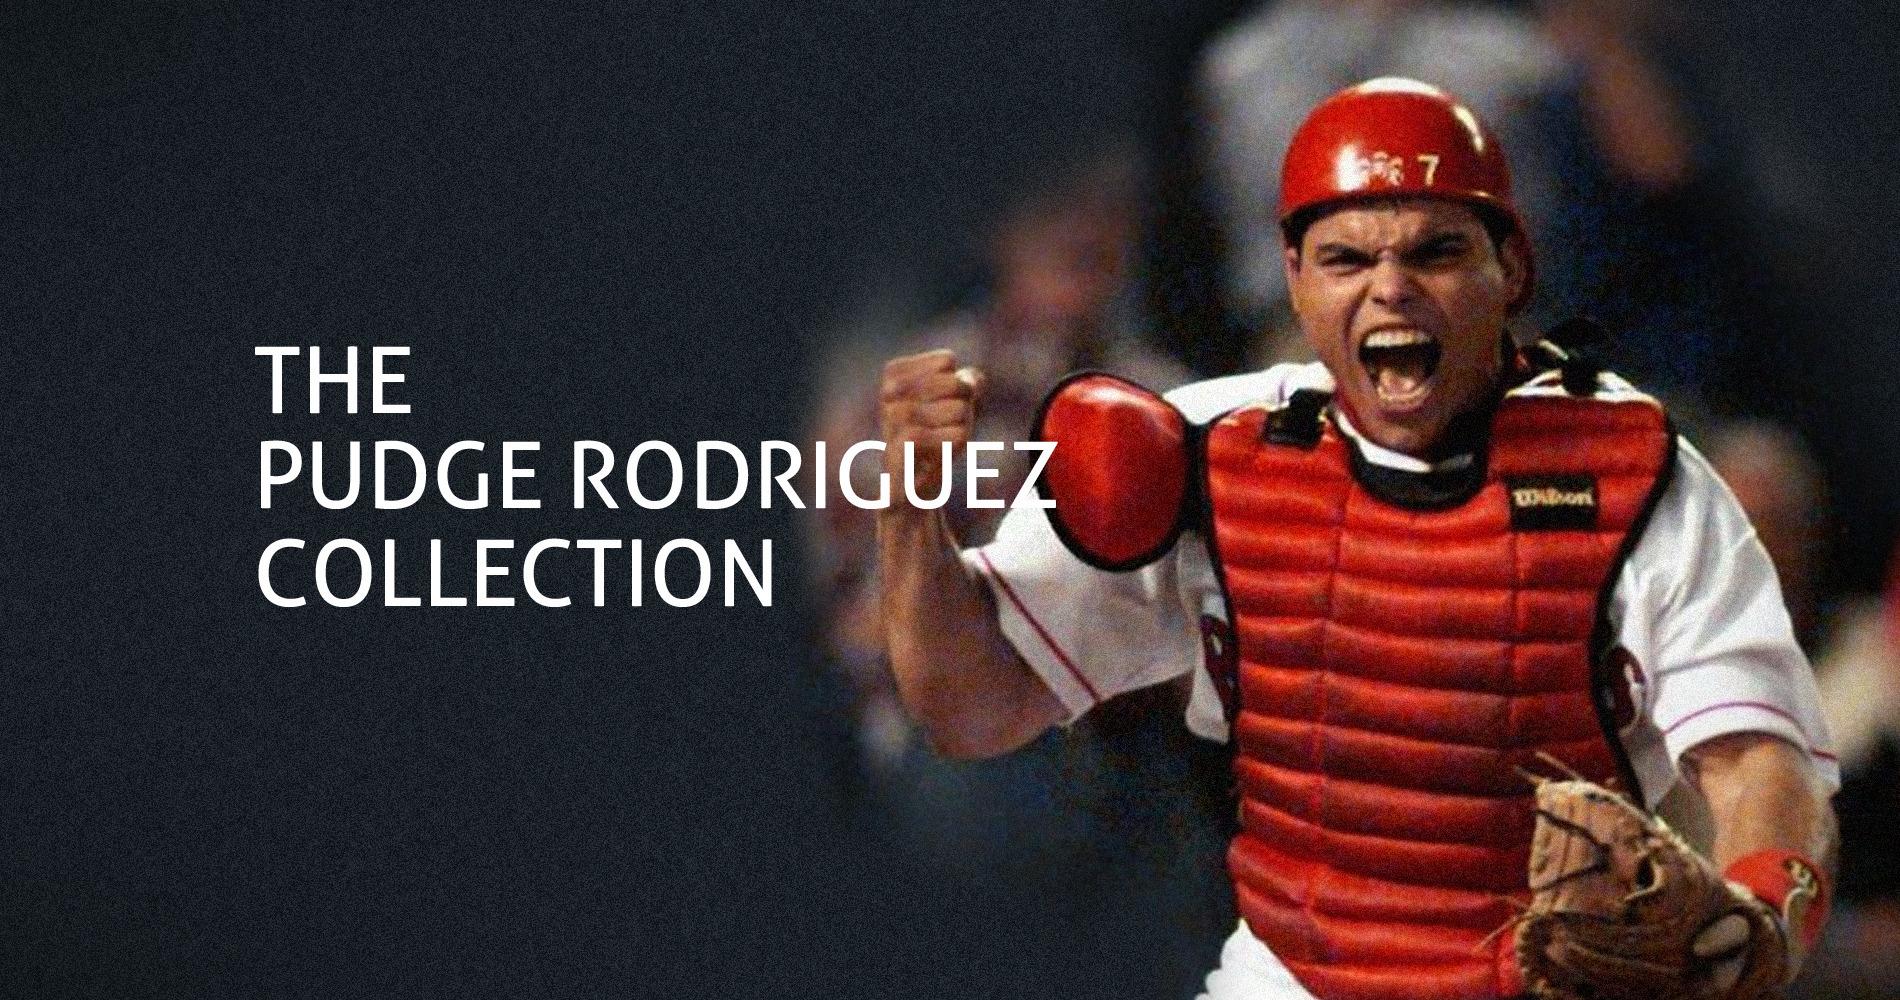 Pudge Rodriguez